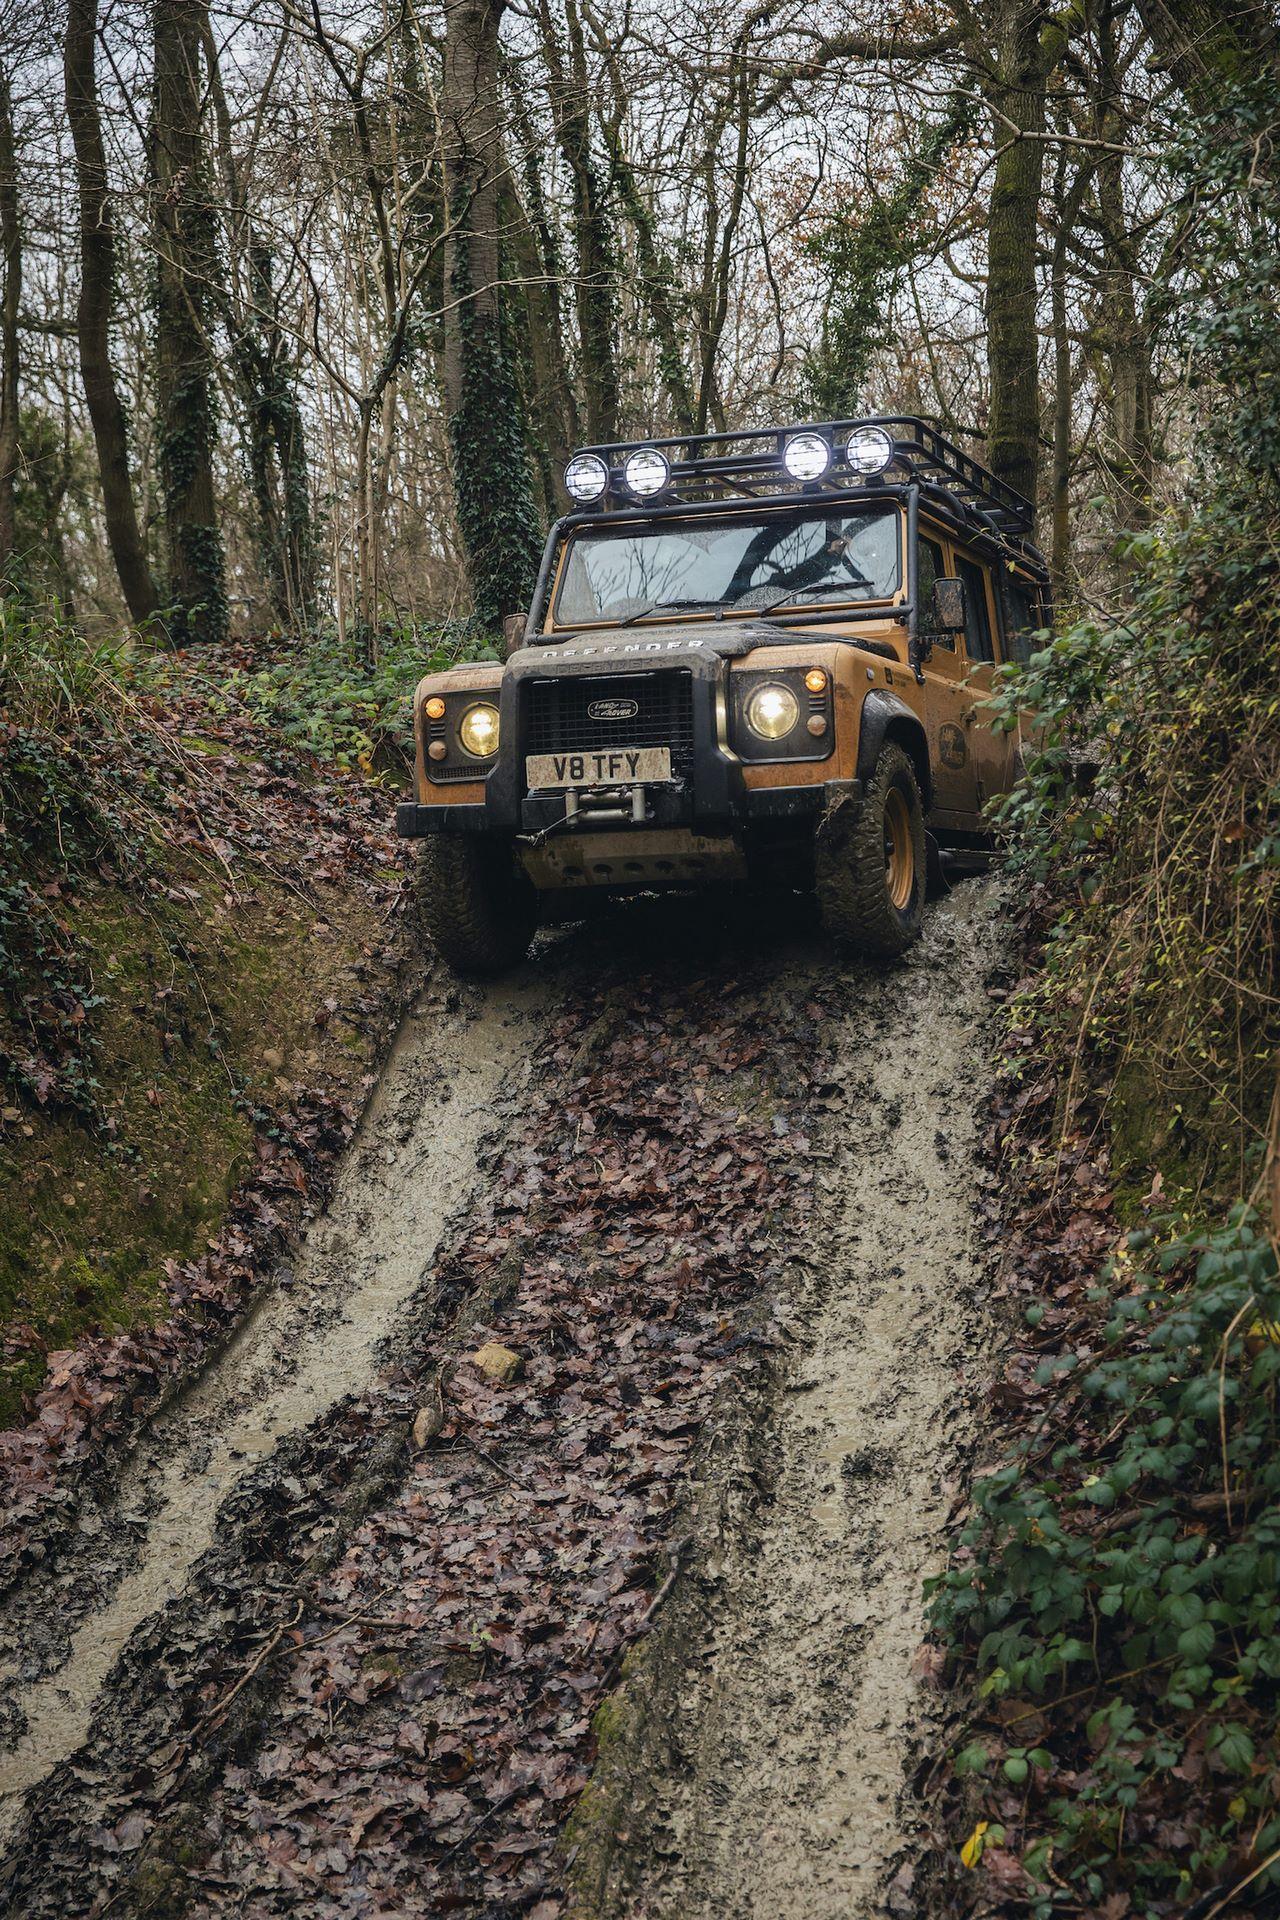 Land-Rover-Defender-Works-V8-Trophy-23